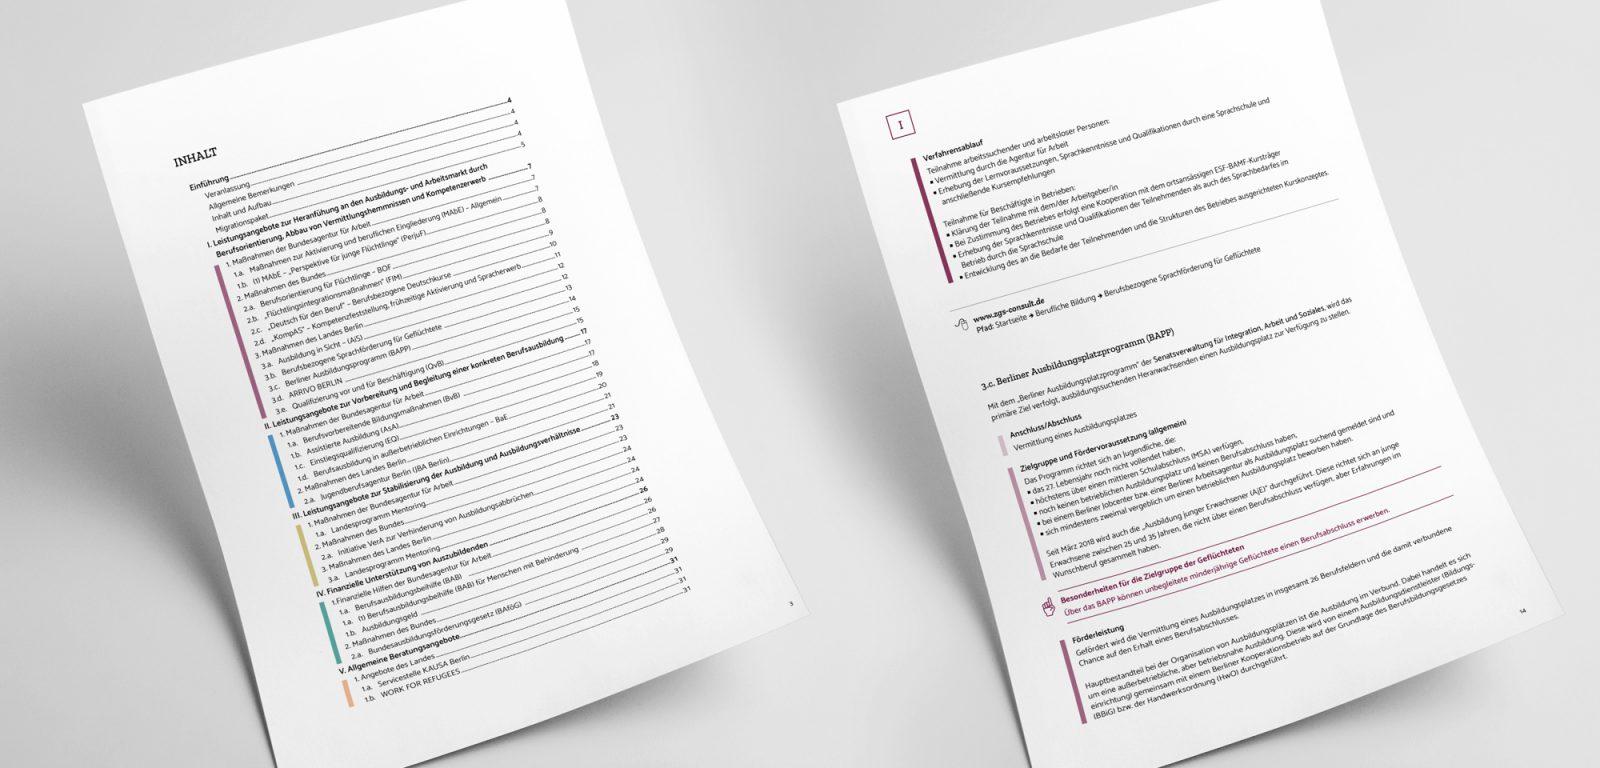 """Synopse """"Leistungsangebote für Geflüchtete auf dem Weg in die Berufsausbildung und Integration in den Arbeitsmarkt"""""""